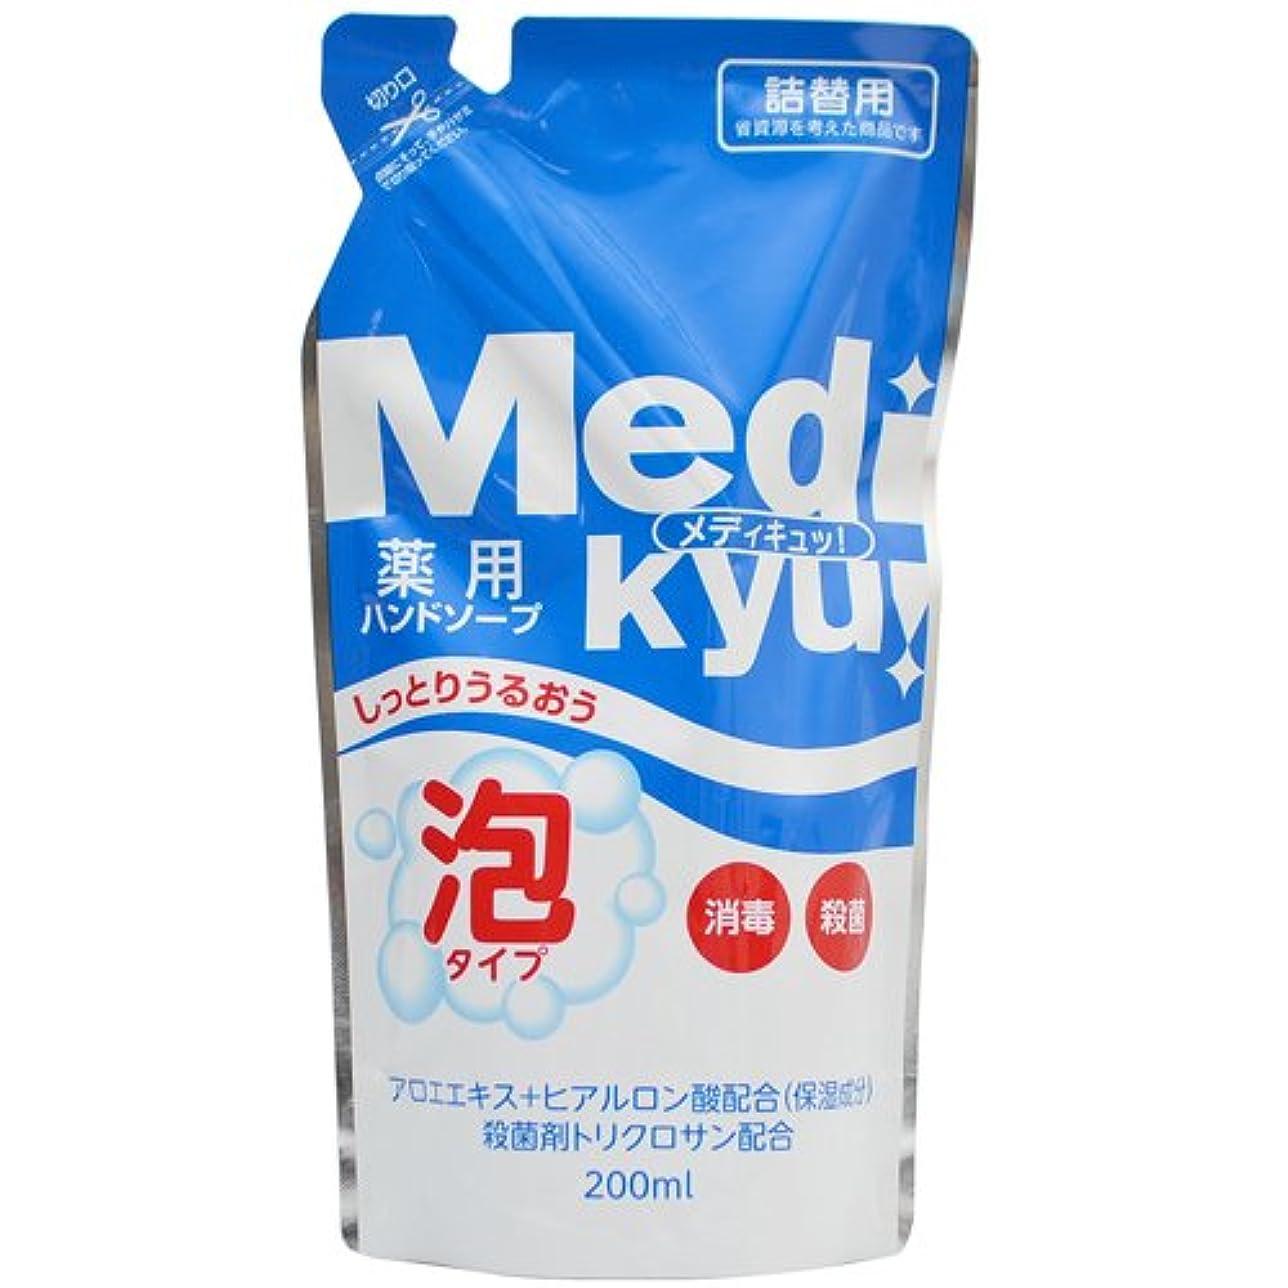 モードリン承認許可エオリア 薬用ハンドソープ メディキュッ 泡タイプ 詰替用 200ml×30点セット (4571113800956)